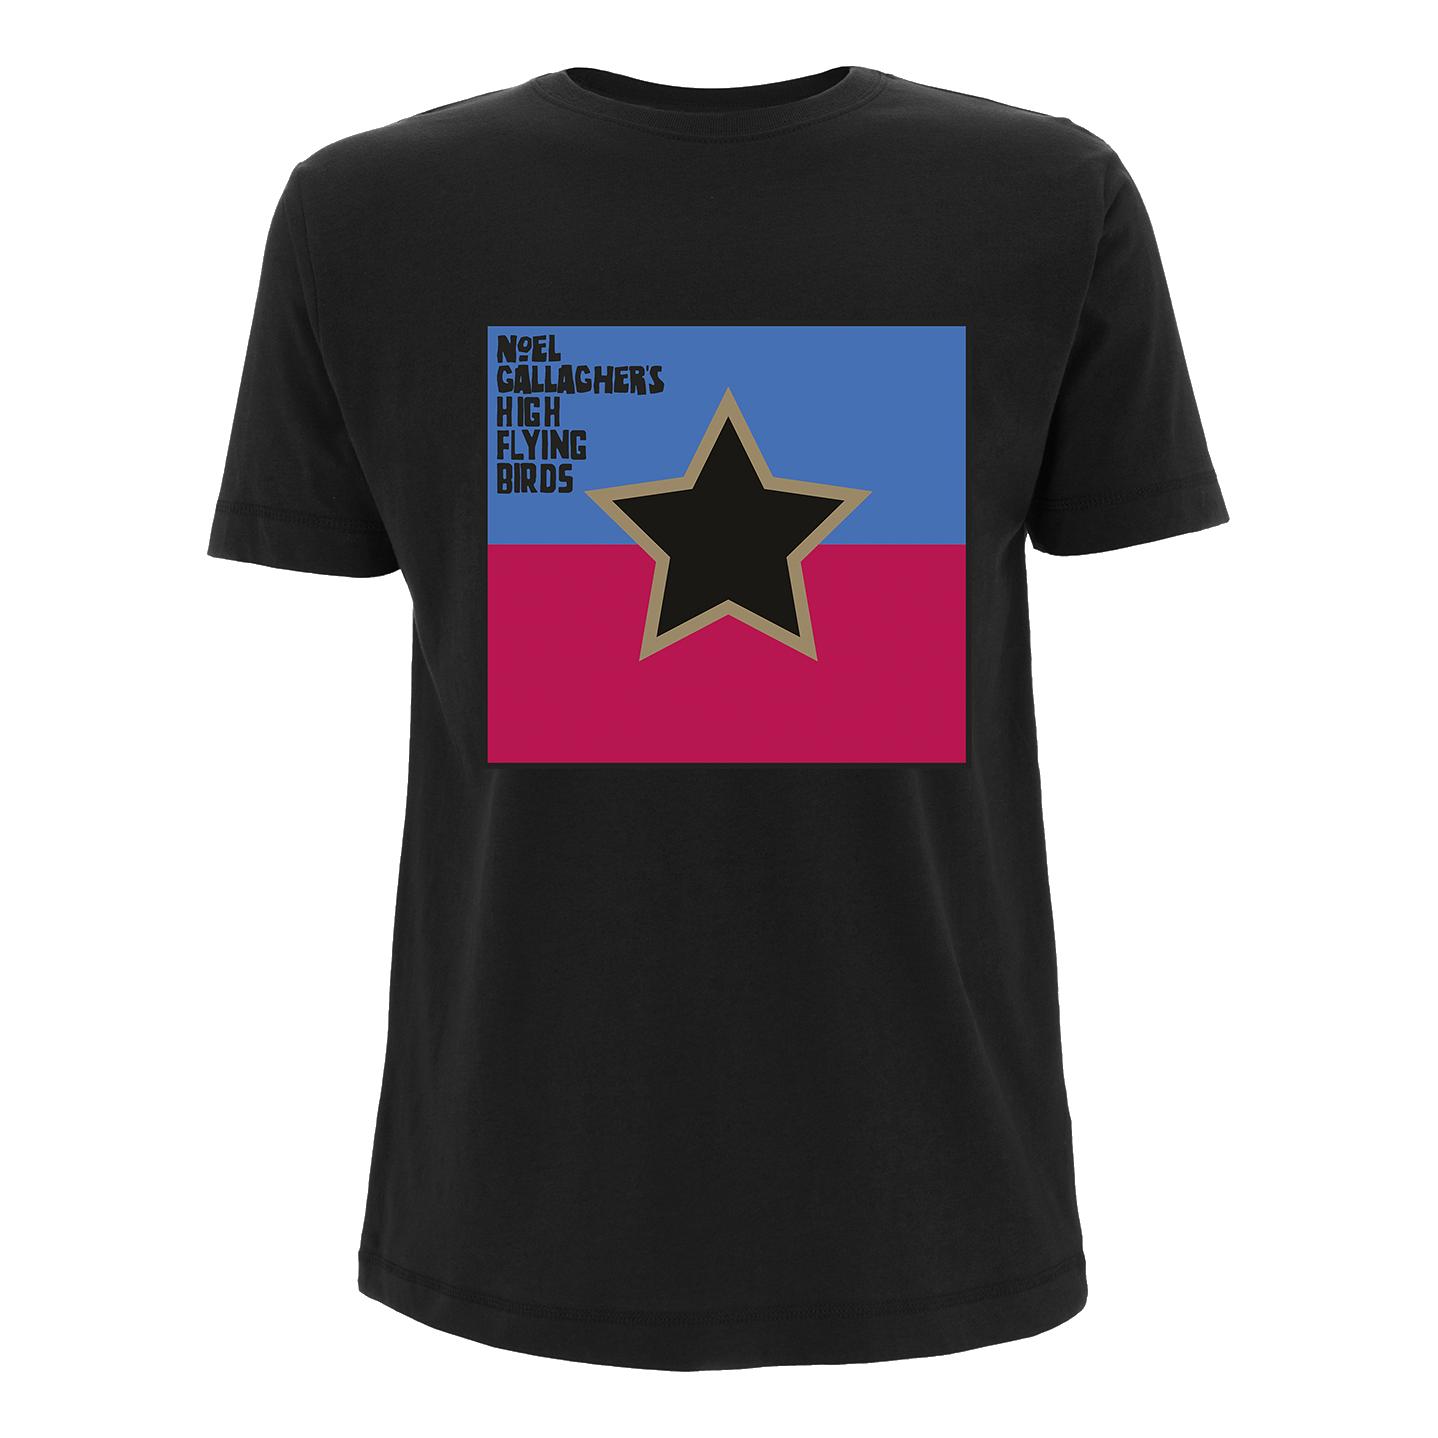 Buy Online Noel Gallagher's High Flying Birds - Mens Black Flag T-Shirt